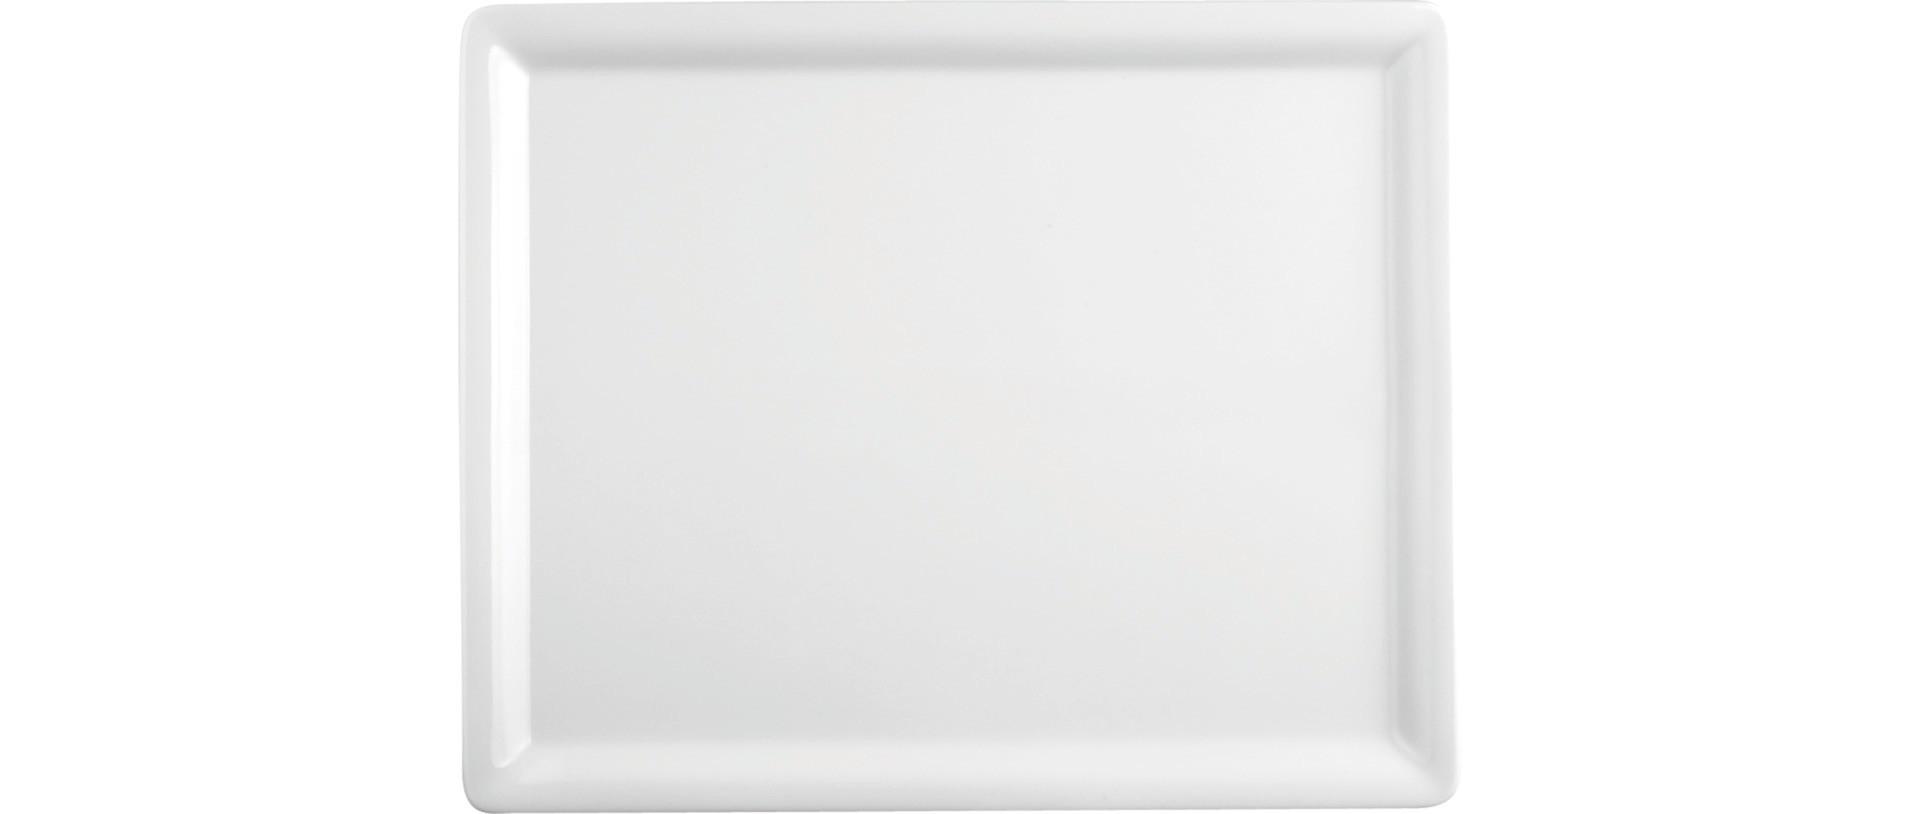 Buffet Gourmet, GN-Platte GN 1/2 325 x 265 mm